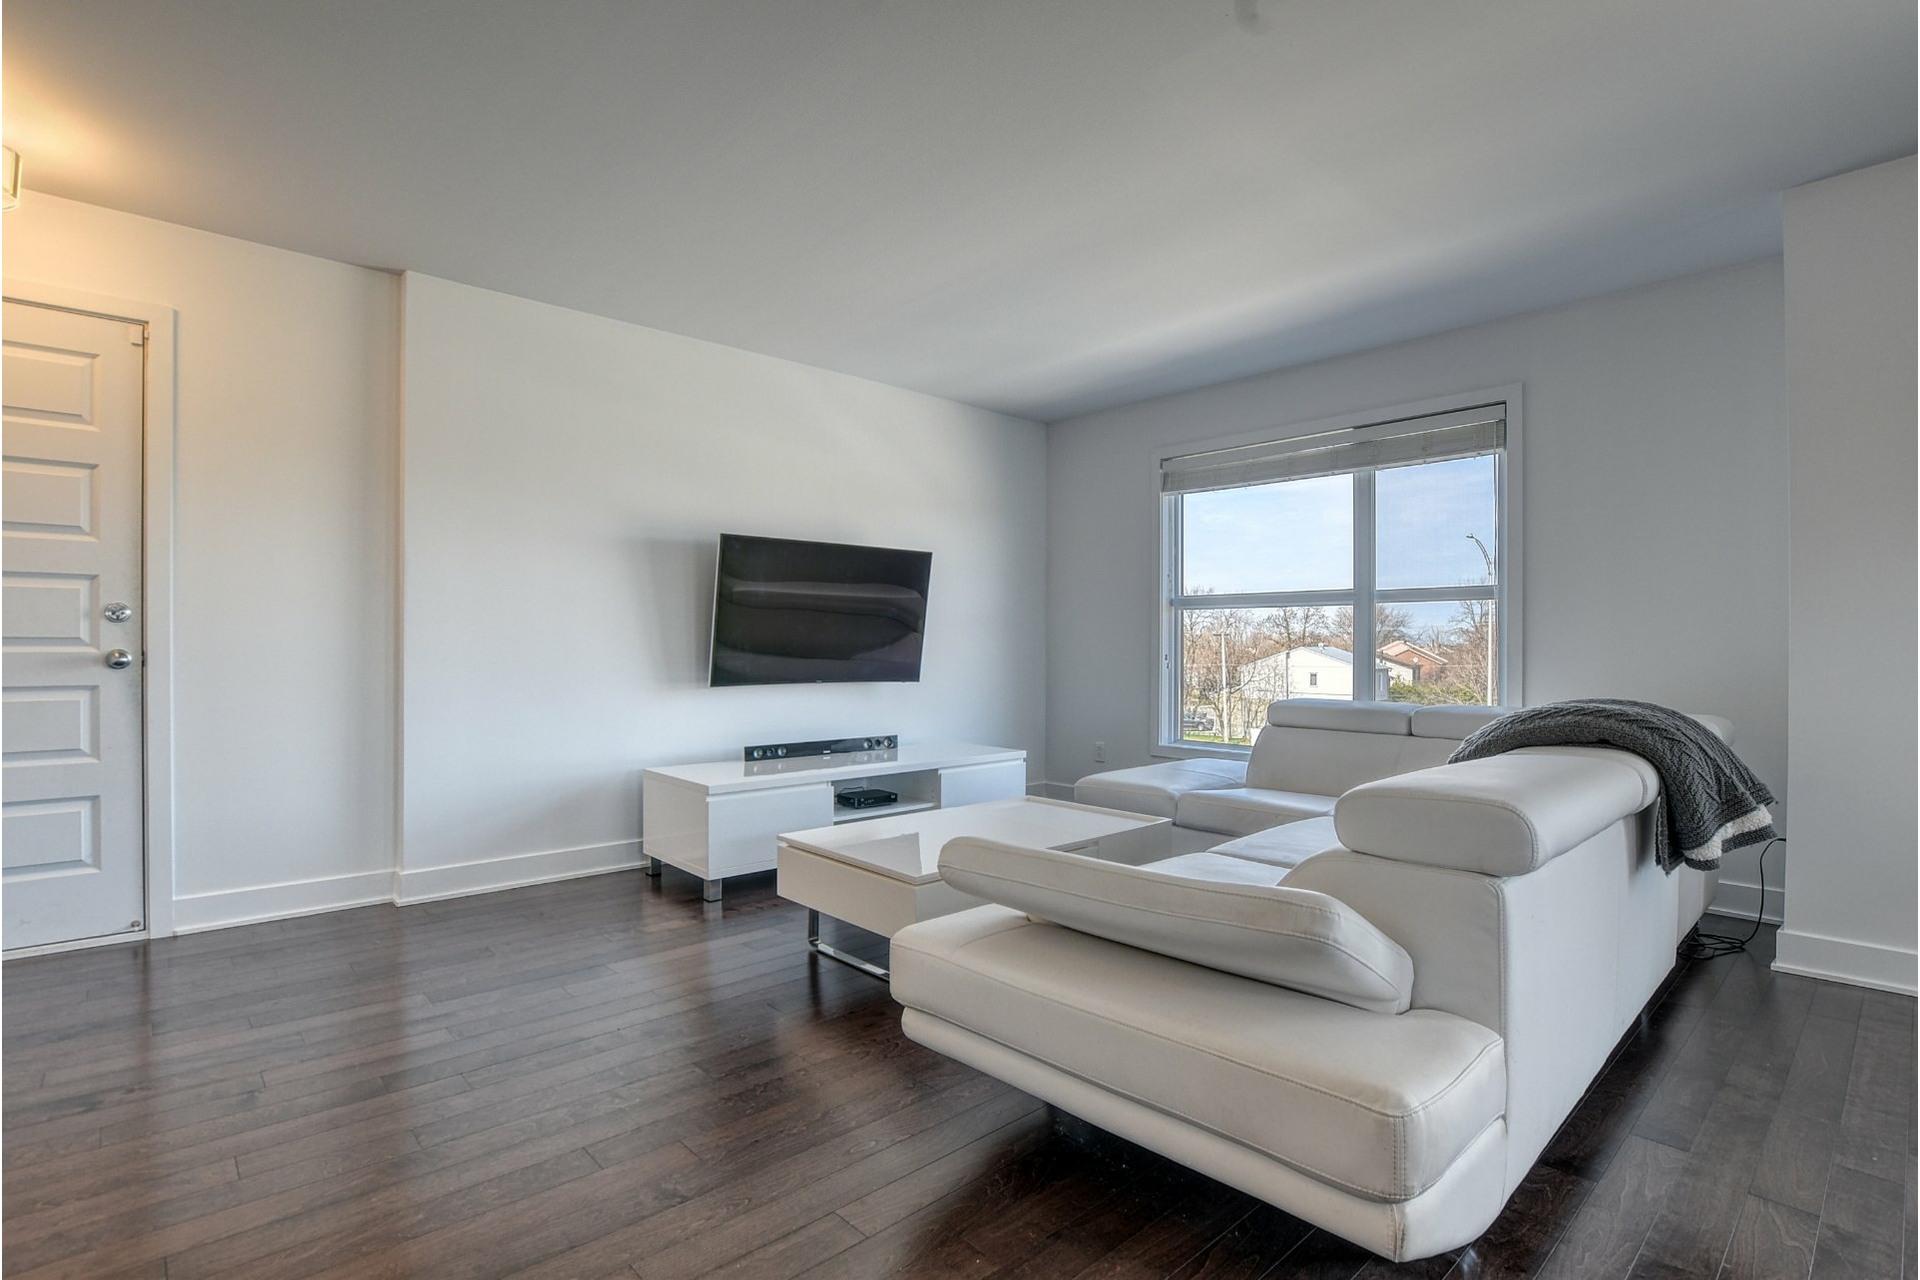 image 5 - Appartement À vendre Rivière-des-Prairies/Pointe-aux-Trembles Montréal  - 11 pièces